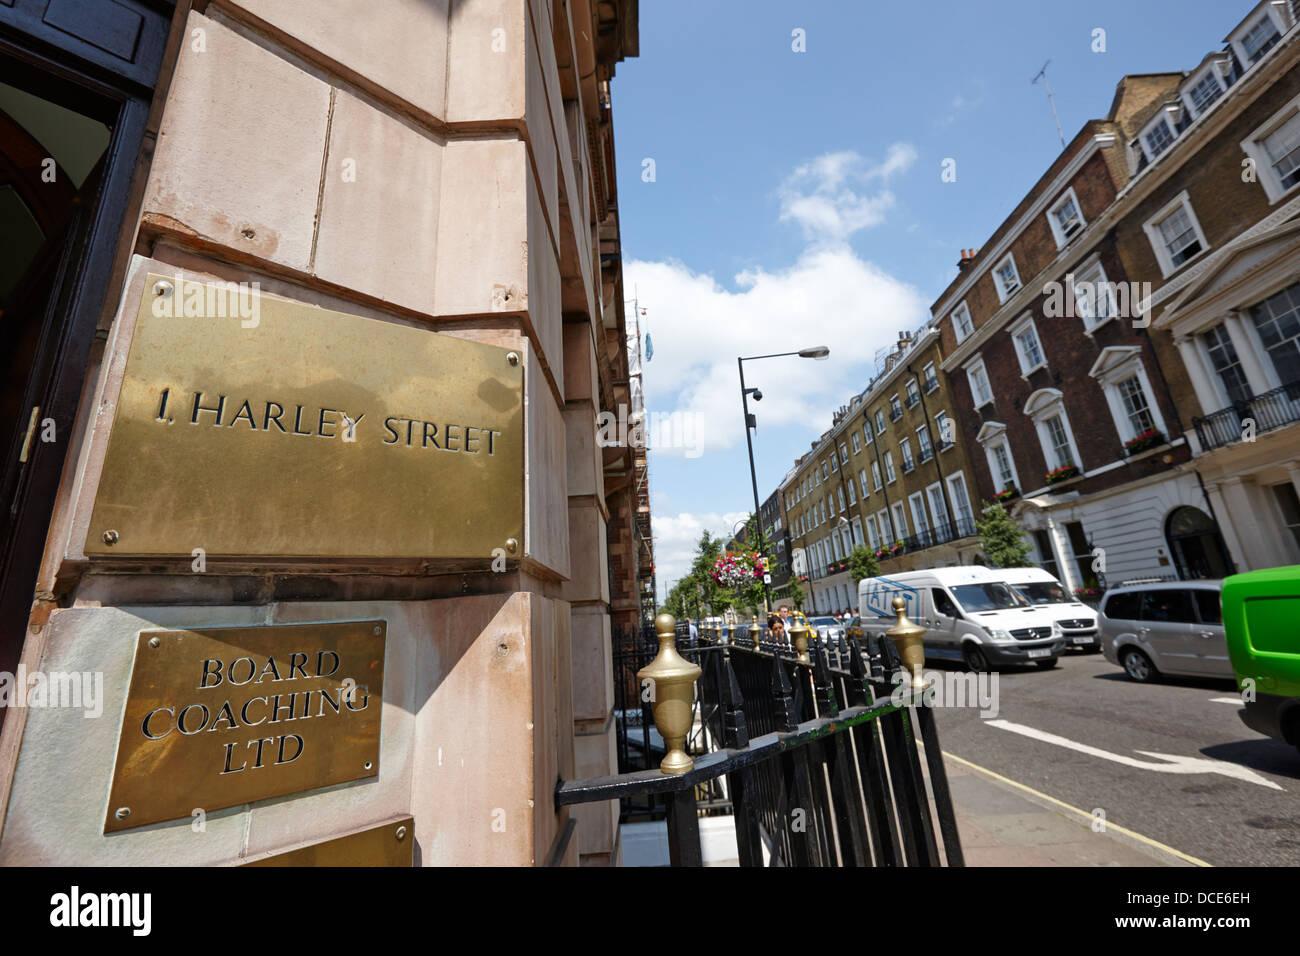 harley street London England UK - Stock Image